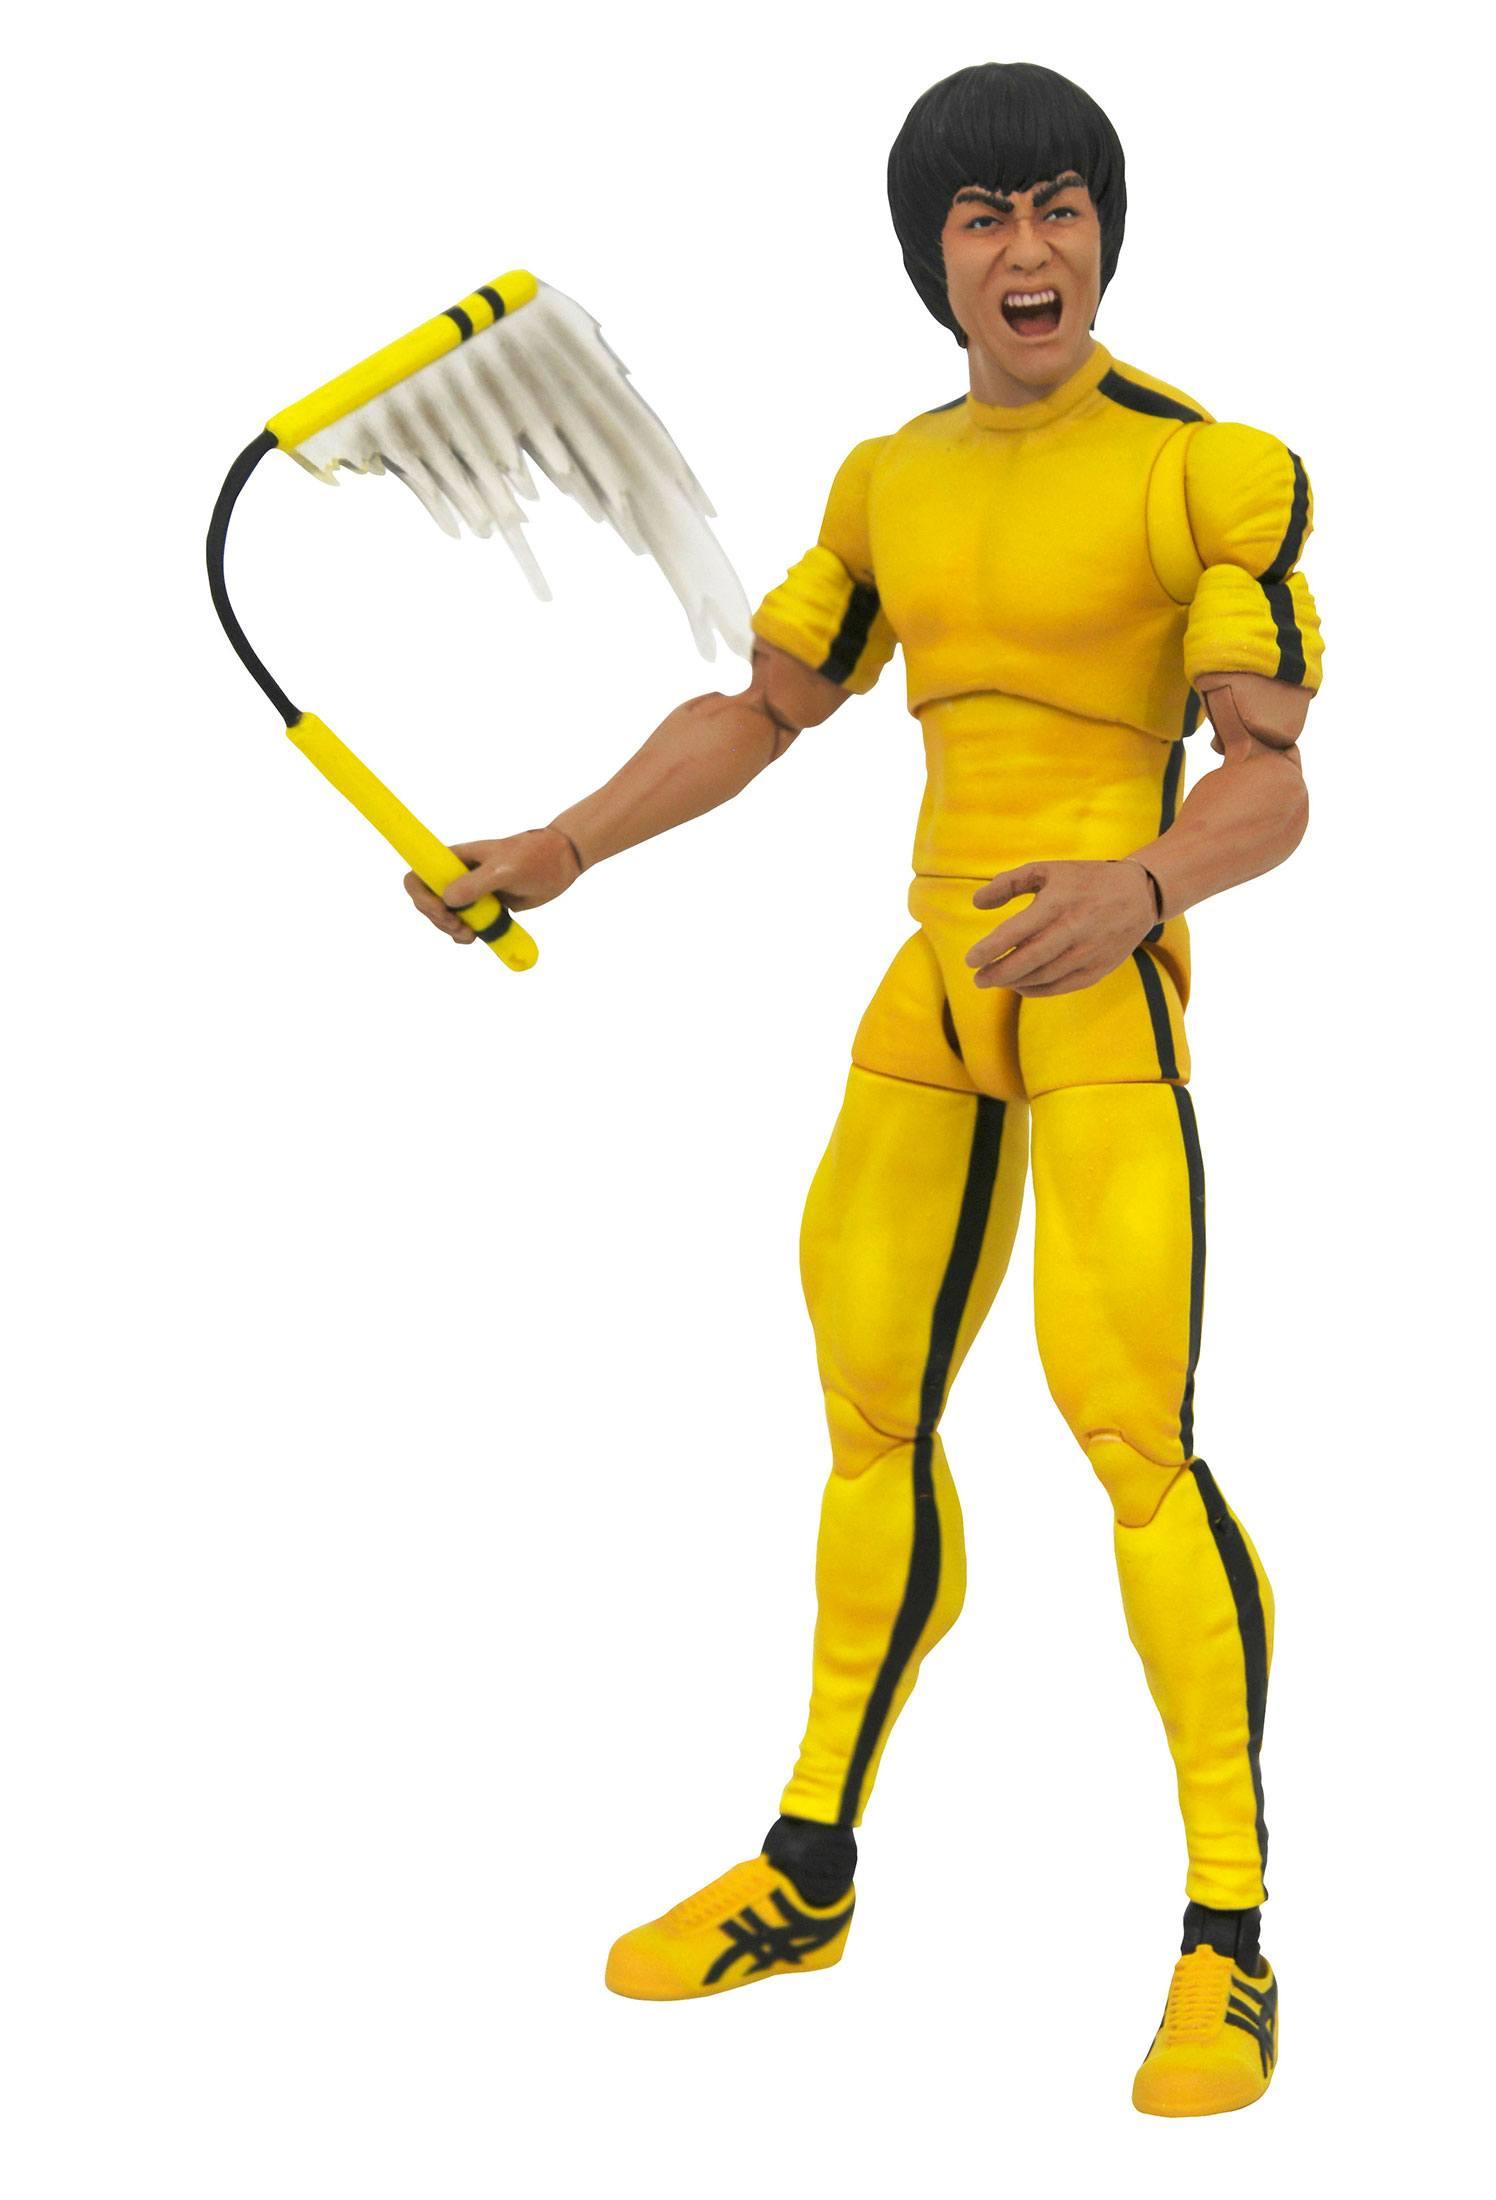 Bruce Lee Select Actionfigur Yellow Jumpsuit 18 cm DIAMMAR192442 699788833513